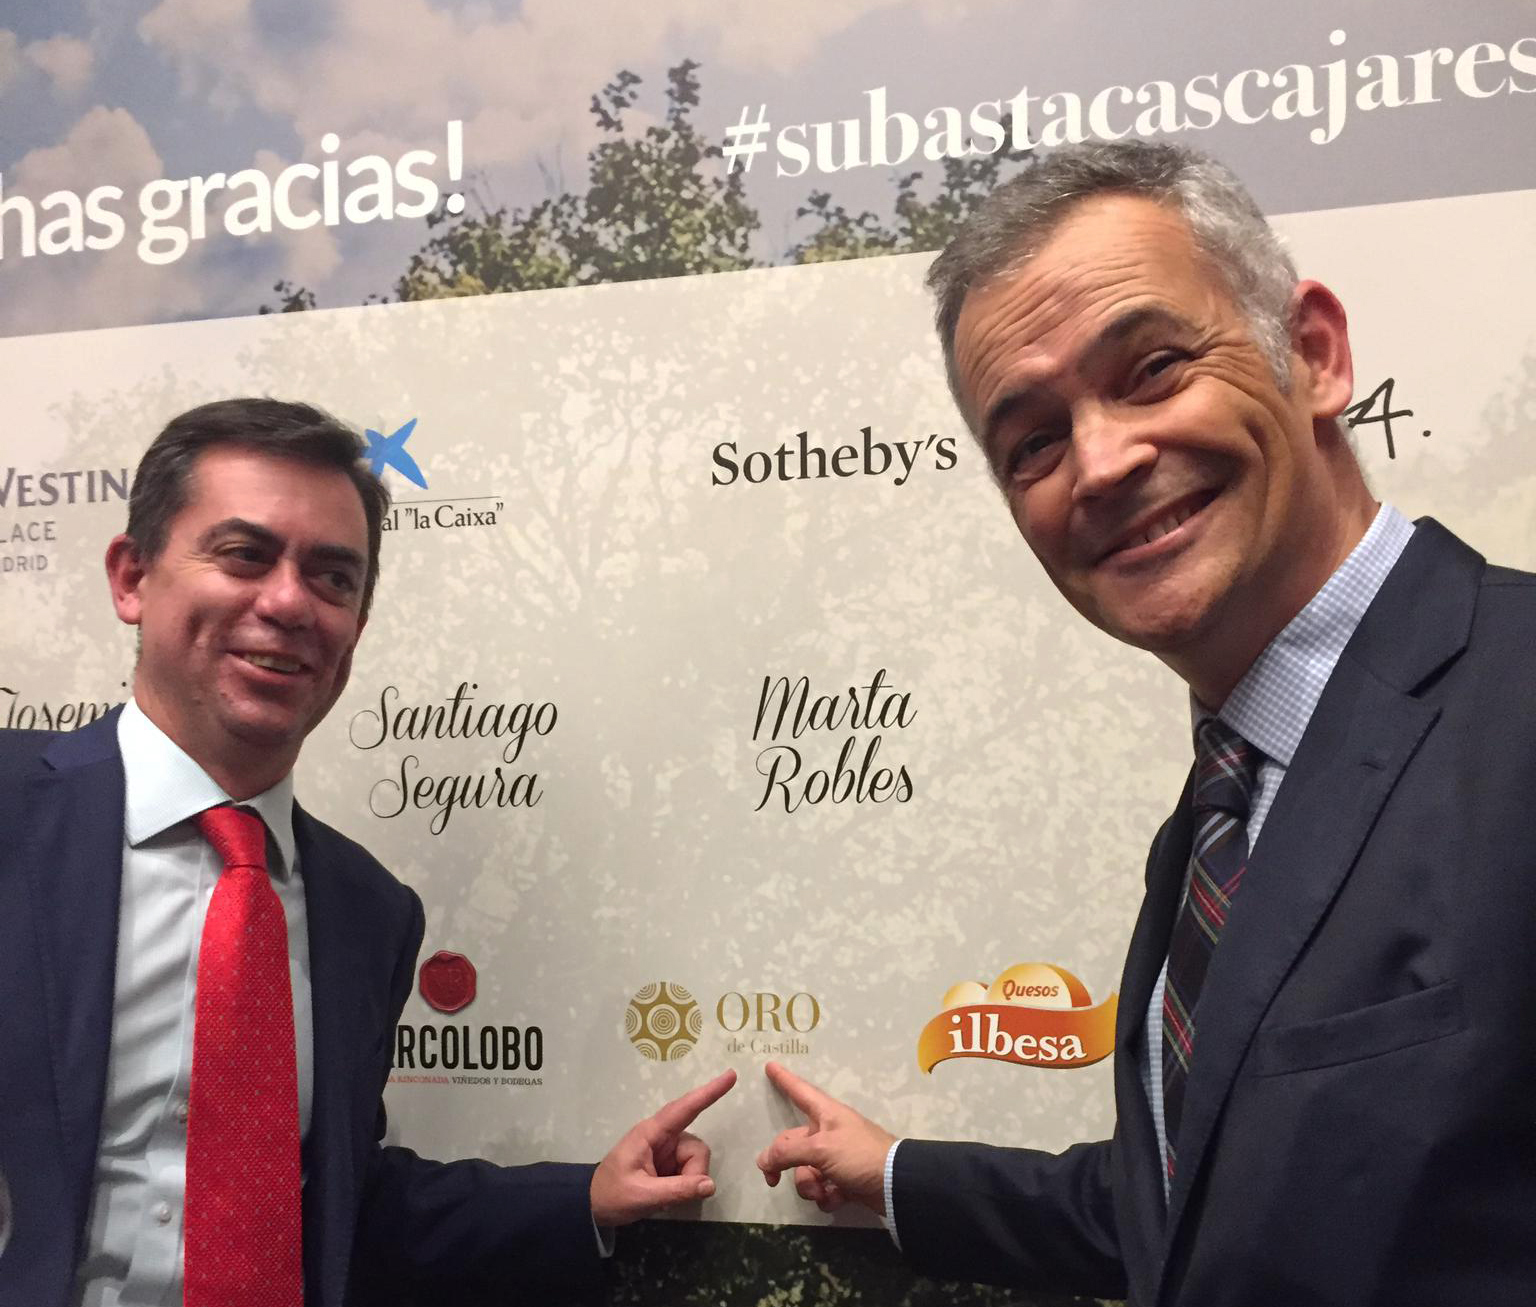 Un año más, Oro de Castilla participa en la subasta benéfica de Fundación Cascajares